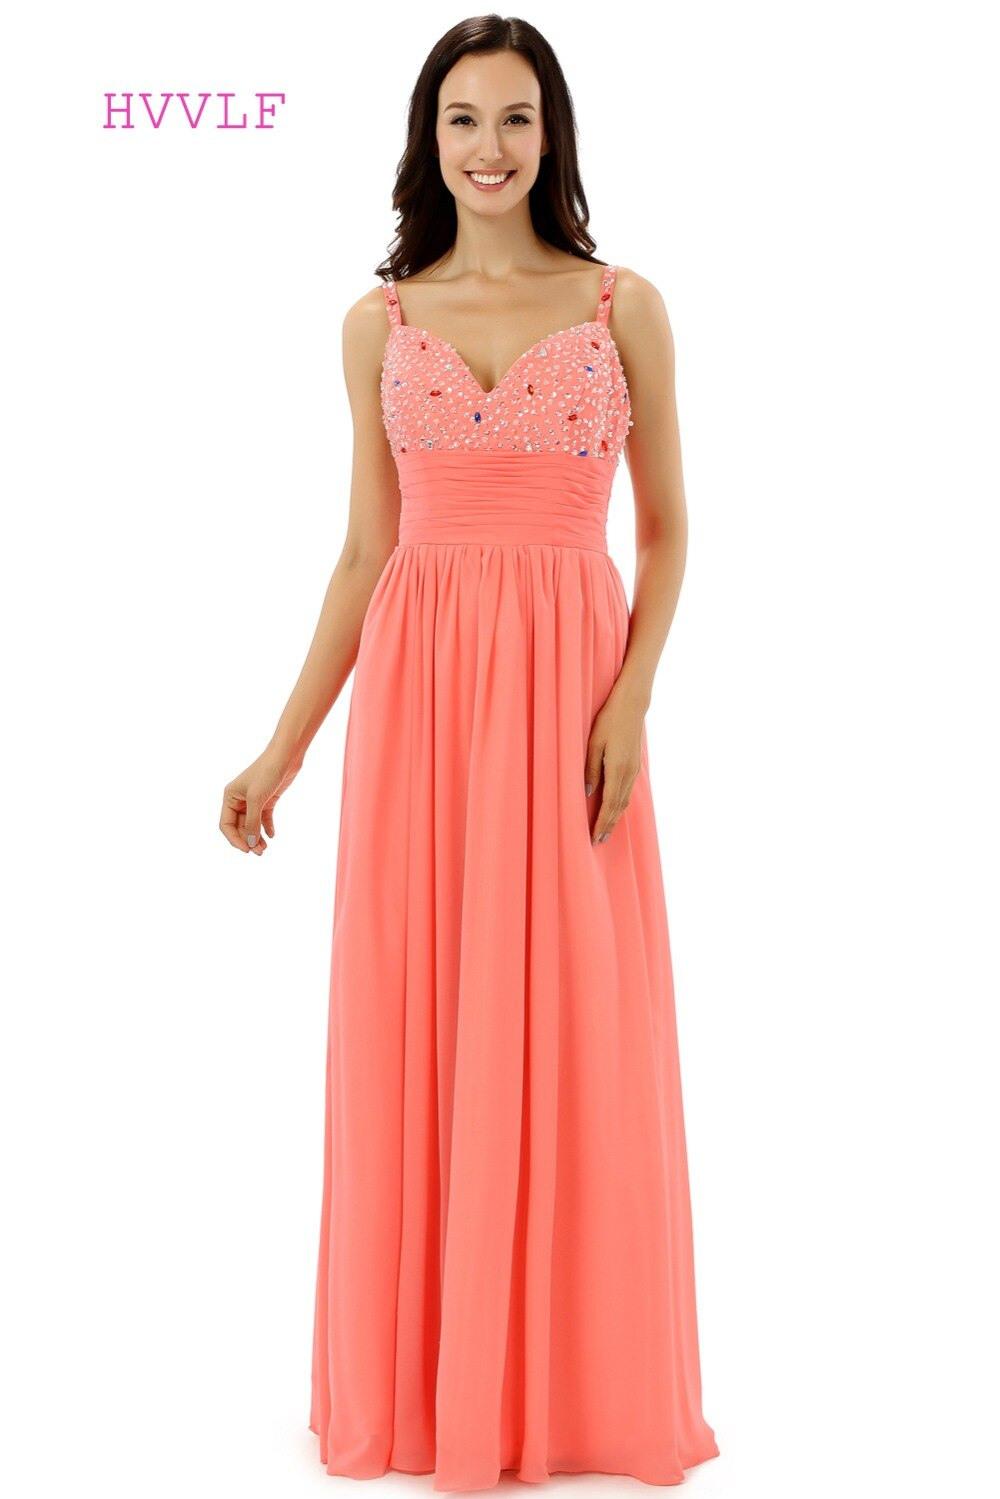 Abend Ausgezeichnet Kleid Koralle Lang Design20 Schön Kleid Koralle Lang Bester Preis